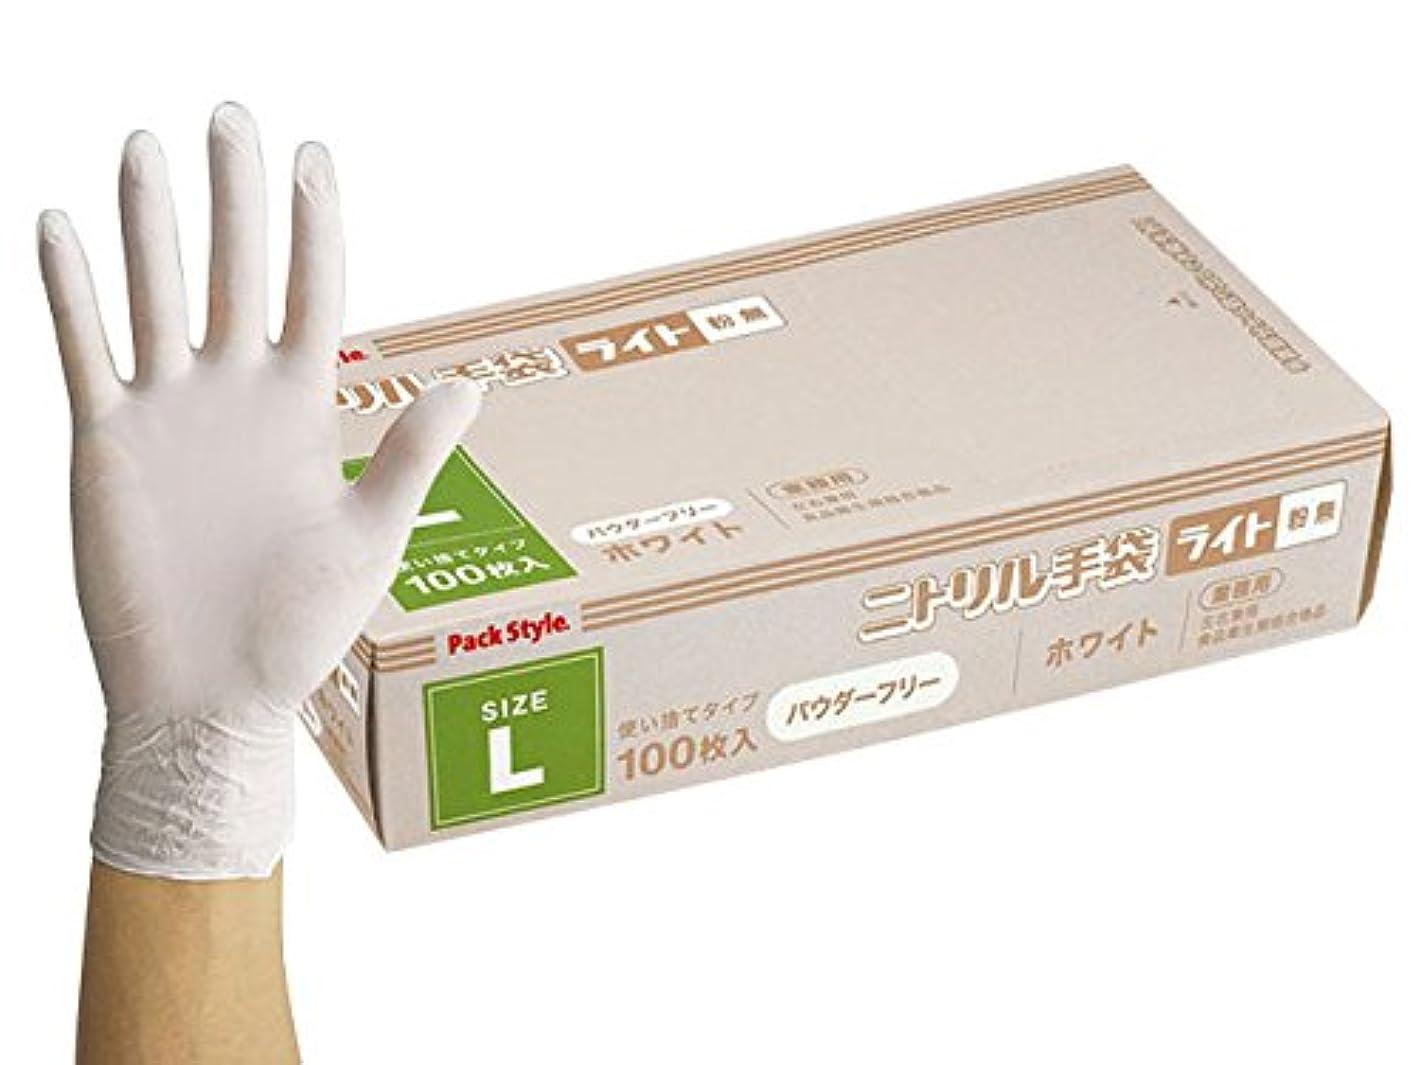 ぴったりサークル懺悔パックスタイル 業務用 使い捨て ニトリル手袋 ライトT 白?粉無 L 3000枚 00540456